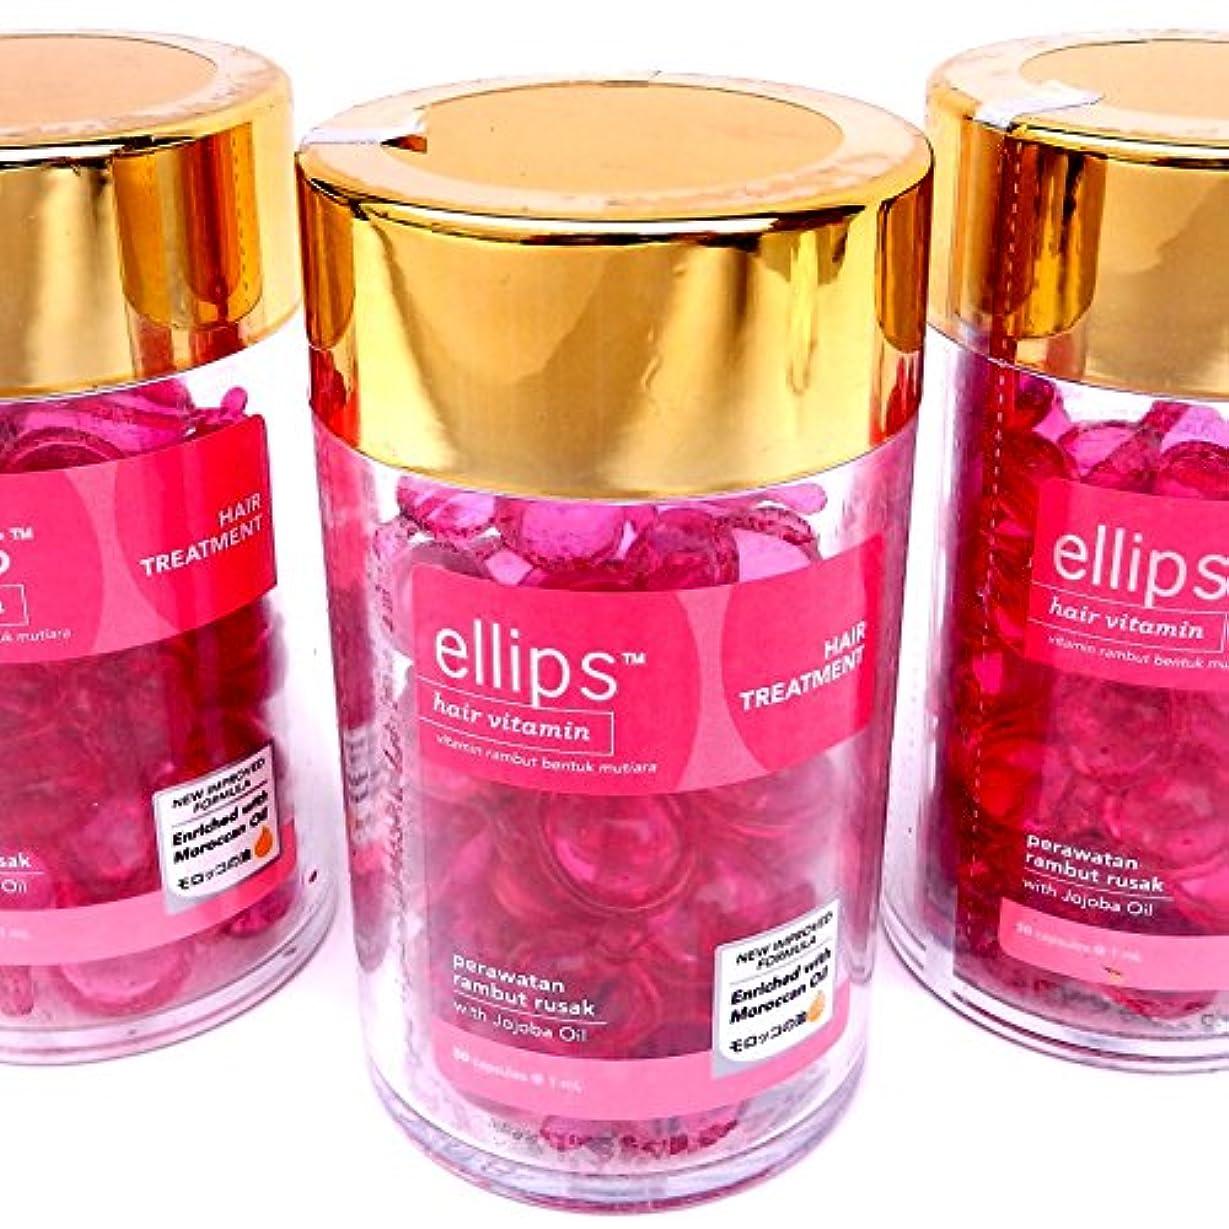 カルシウム桁スライムエリプス(Ellips) ヘアビタミン ピンク ボトル(50粒入)× 3 個セット[並行輸入品]